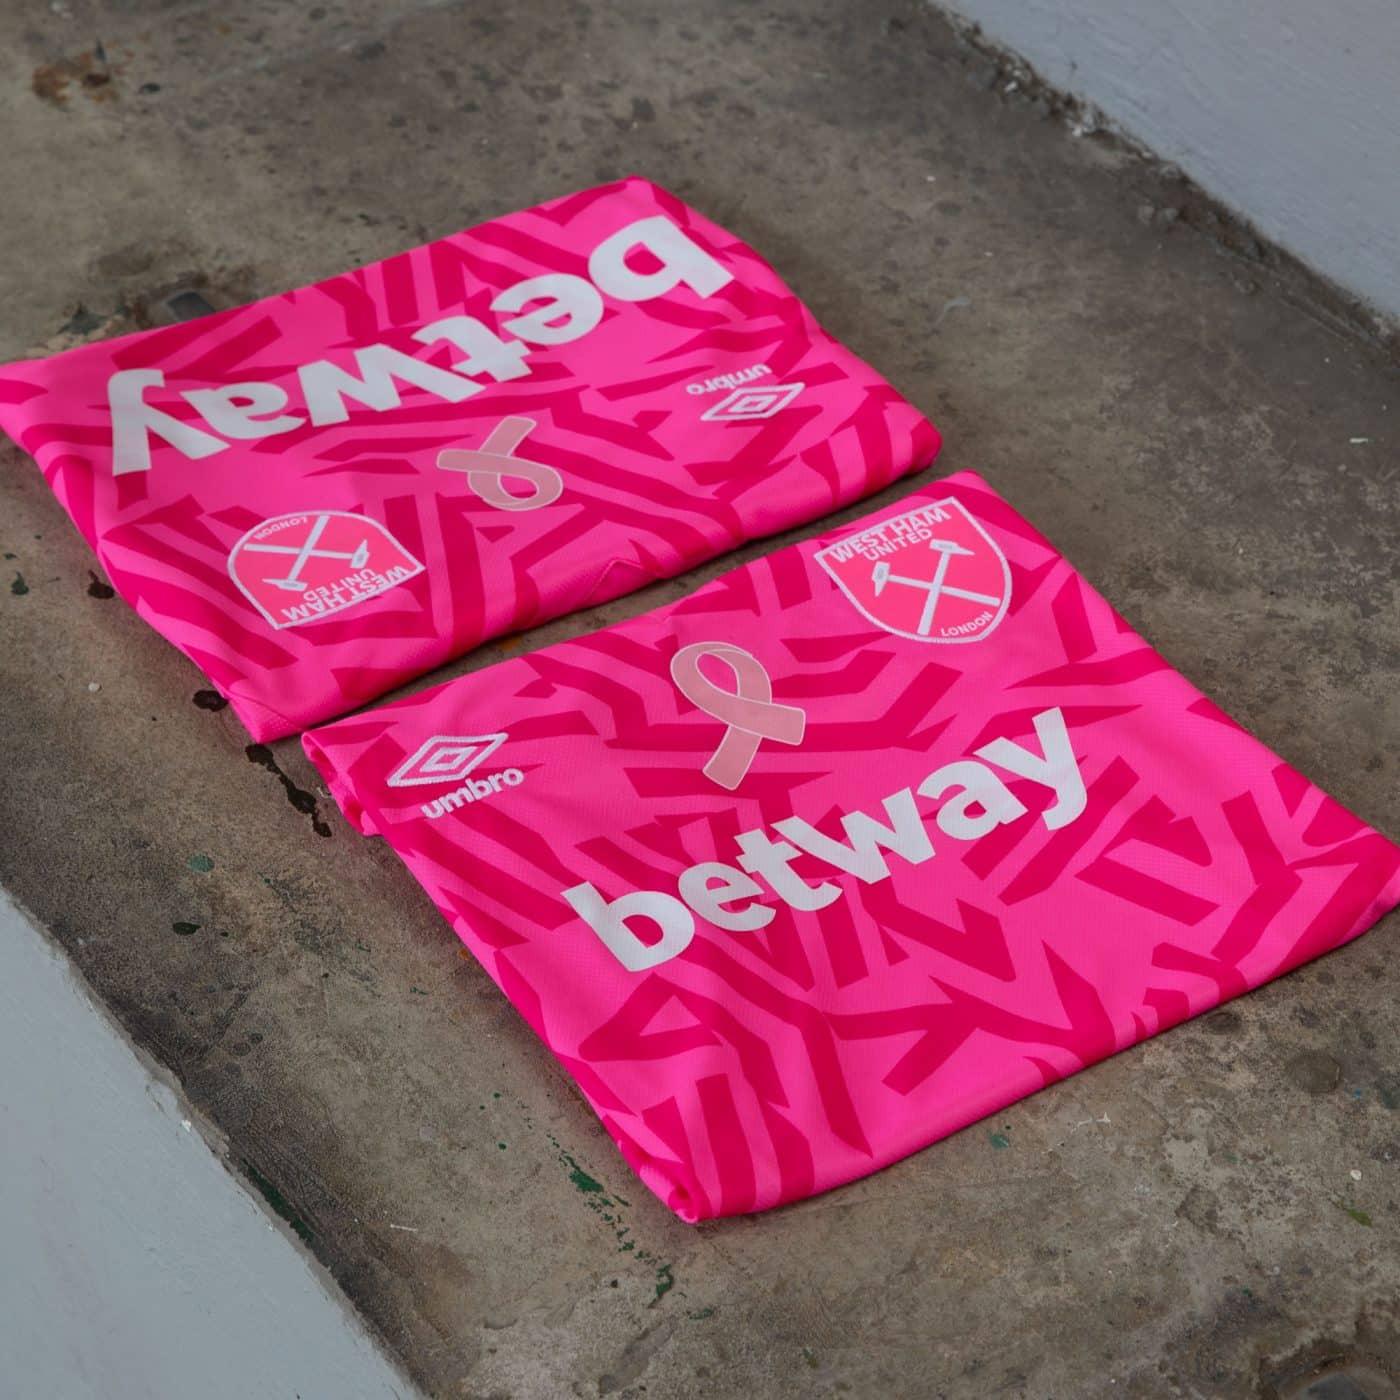 maillot-rose-swet-ham-united-cancer-du-sein-octobre-rose-4